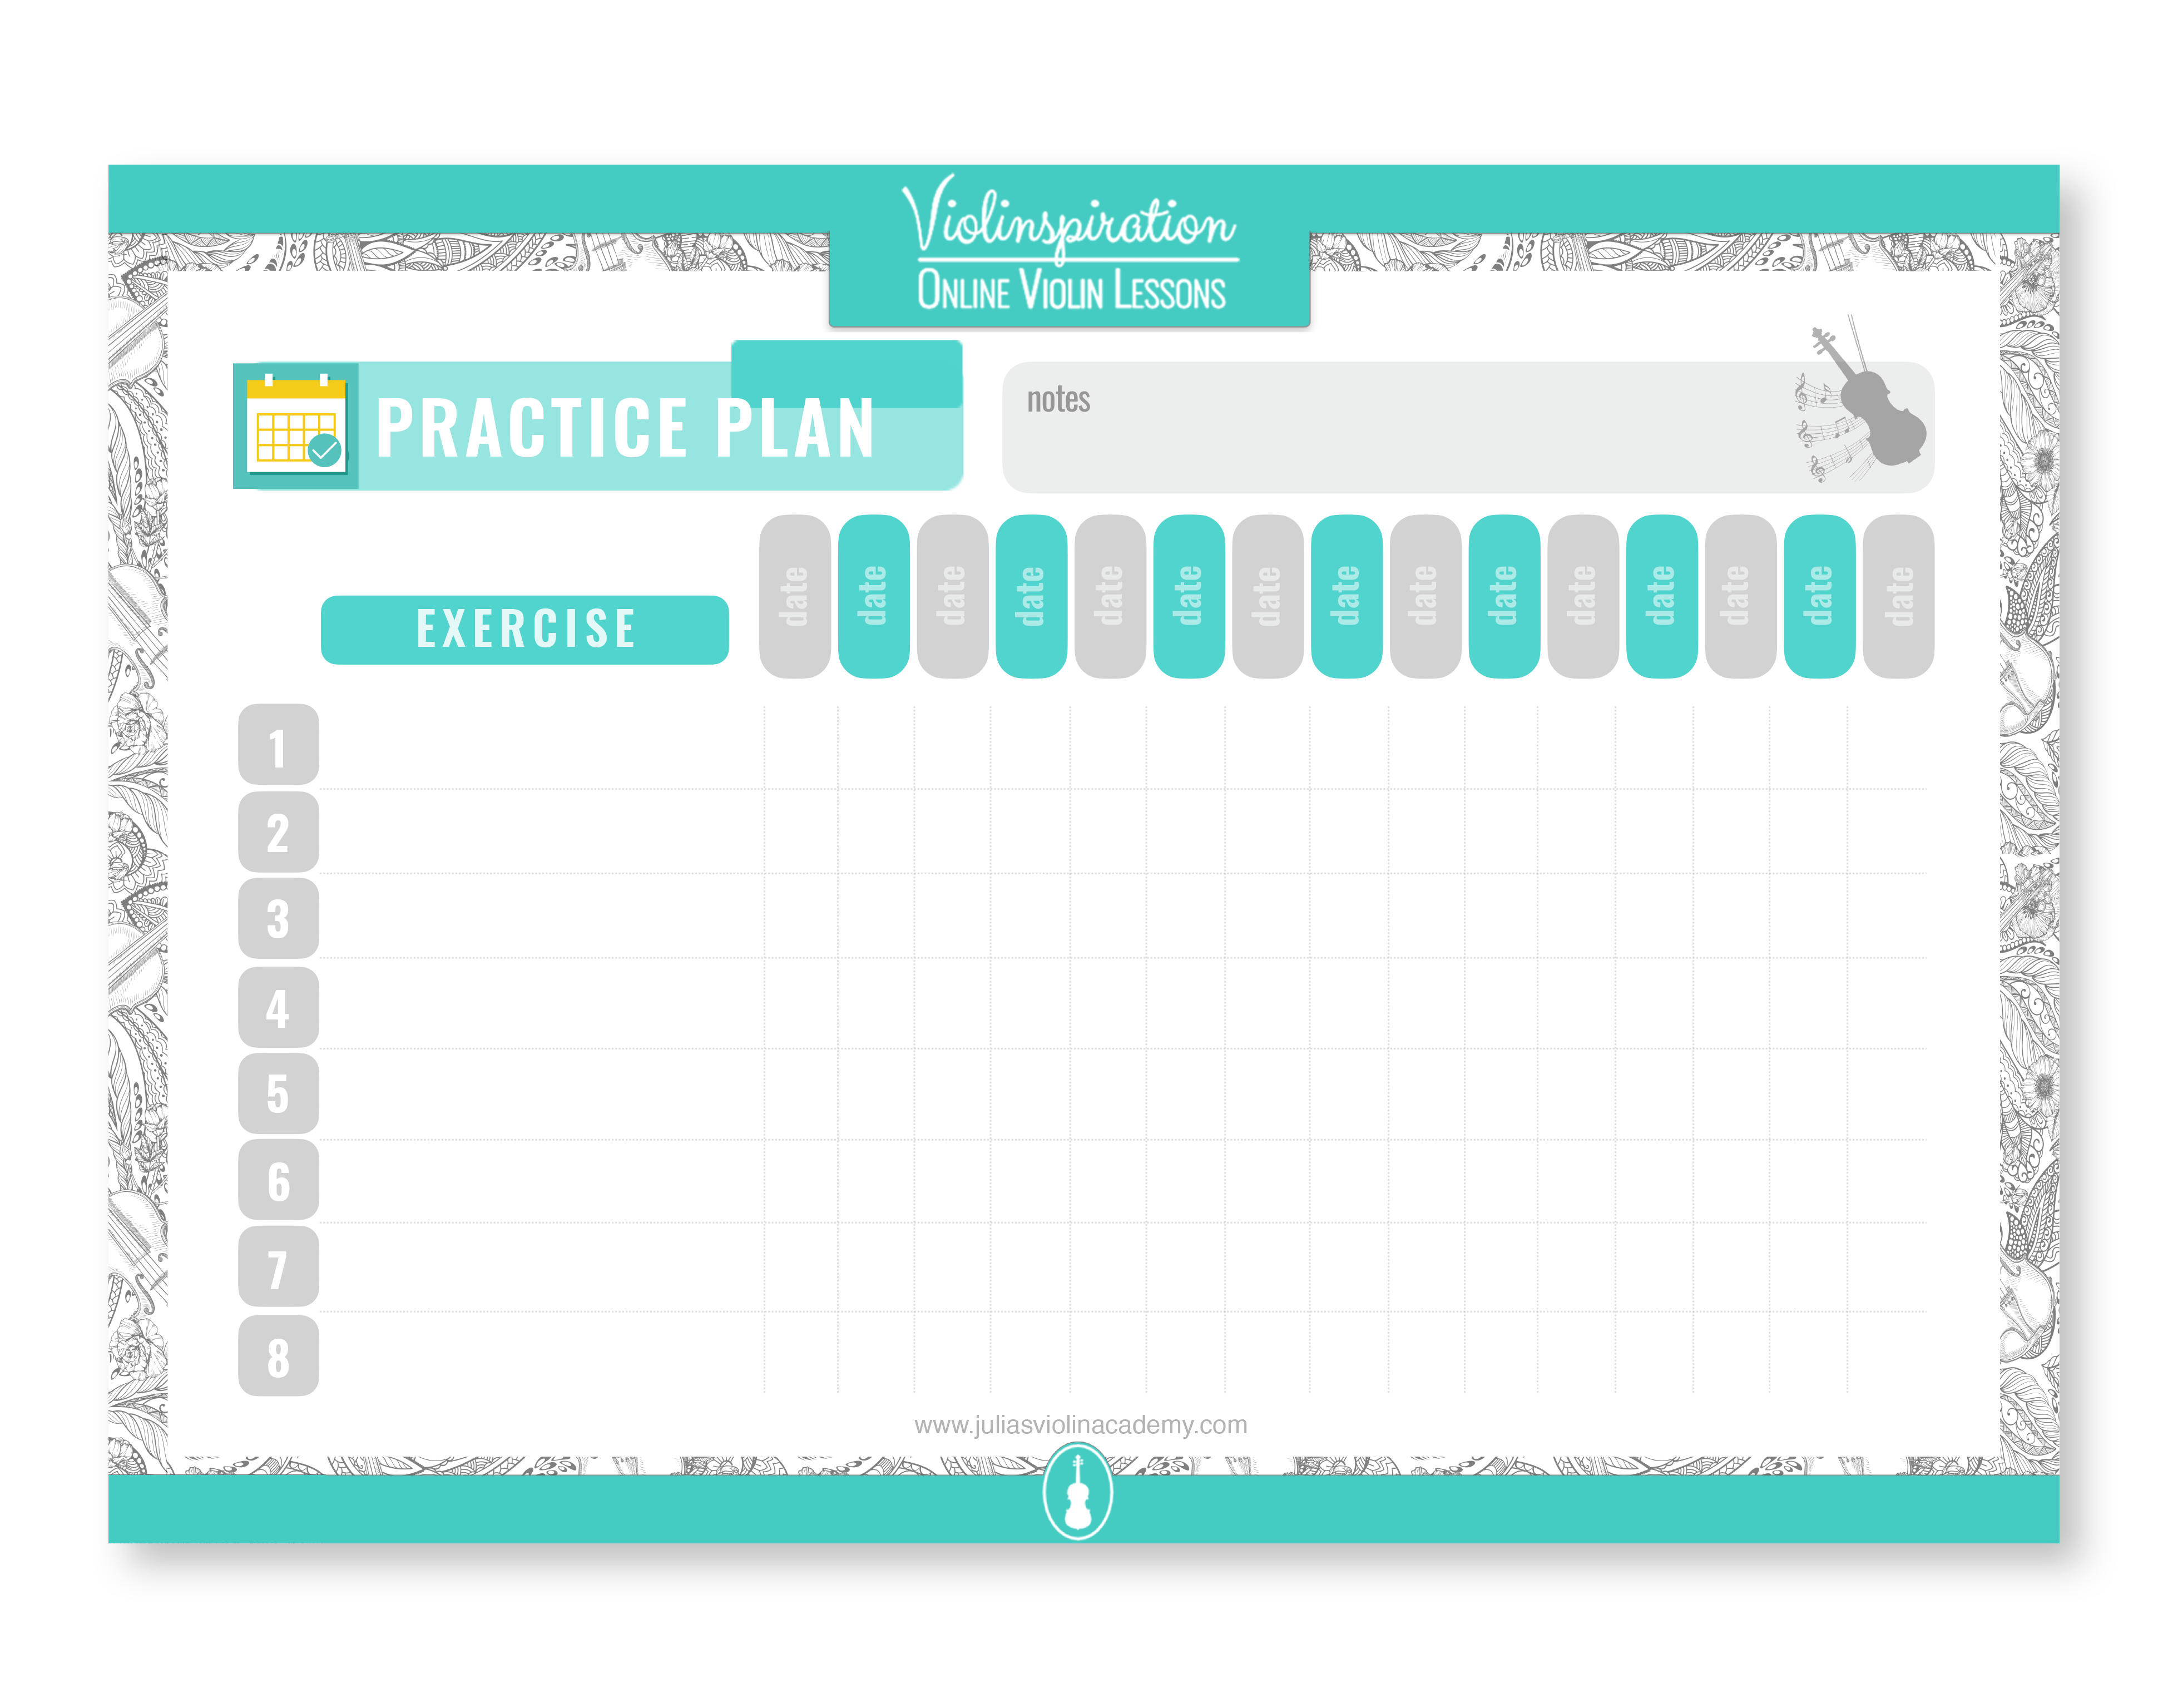 Practice Plan - PDF Downloads